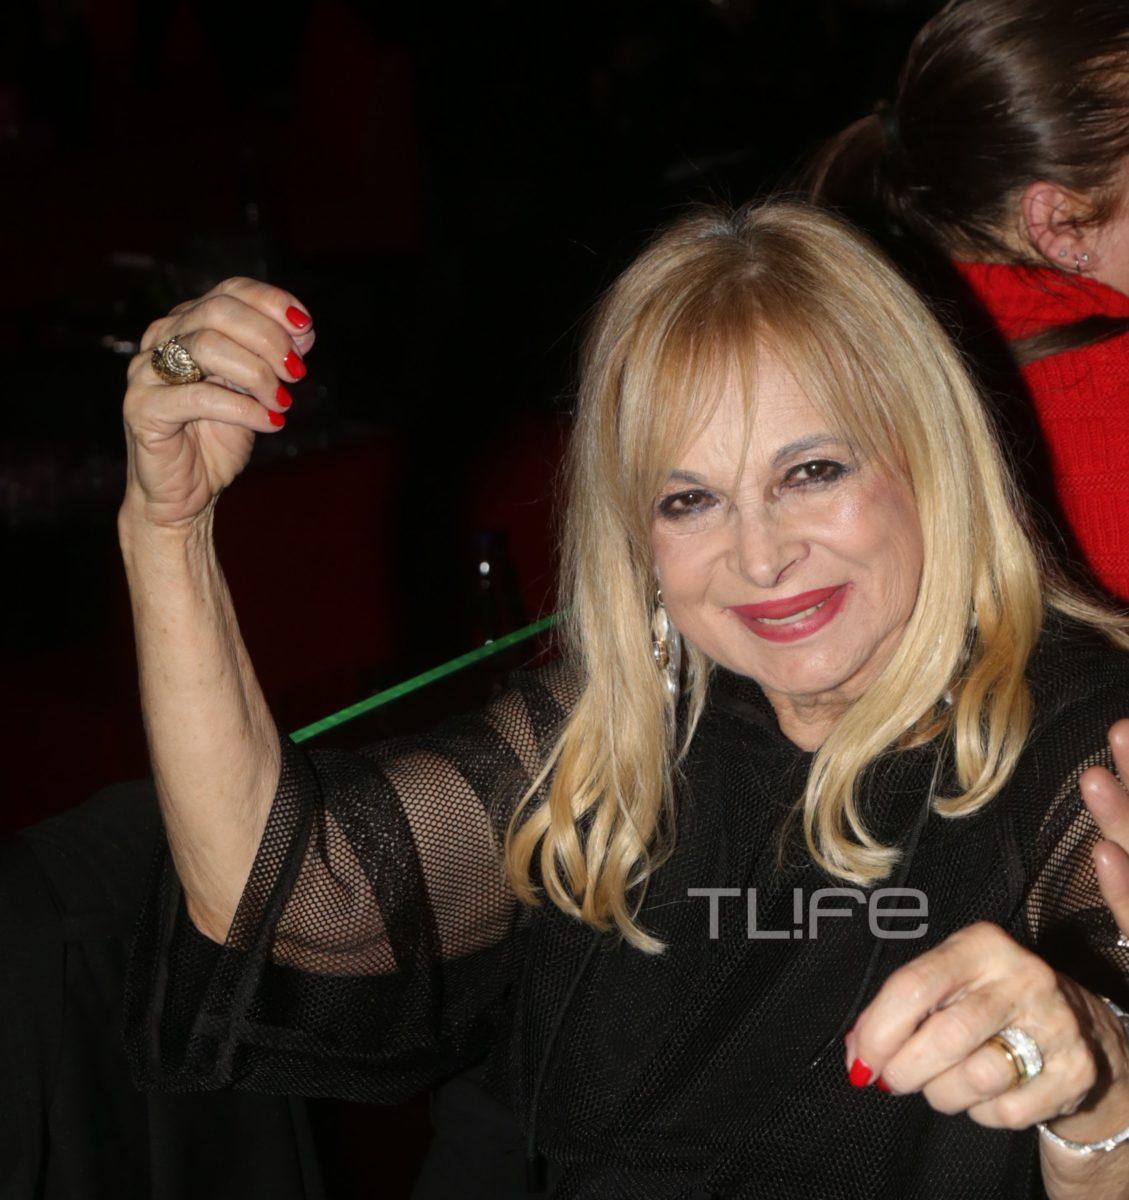 Άννα Φόνσου: Διασκέδασε στα μπουζούκια μετά την περιπέτεια της υγείας της   tlife.gr